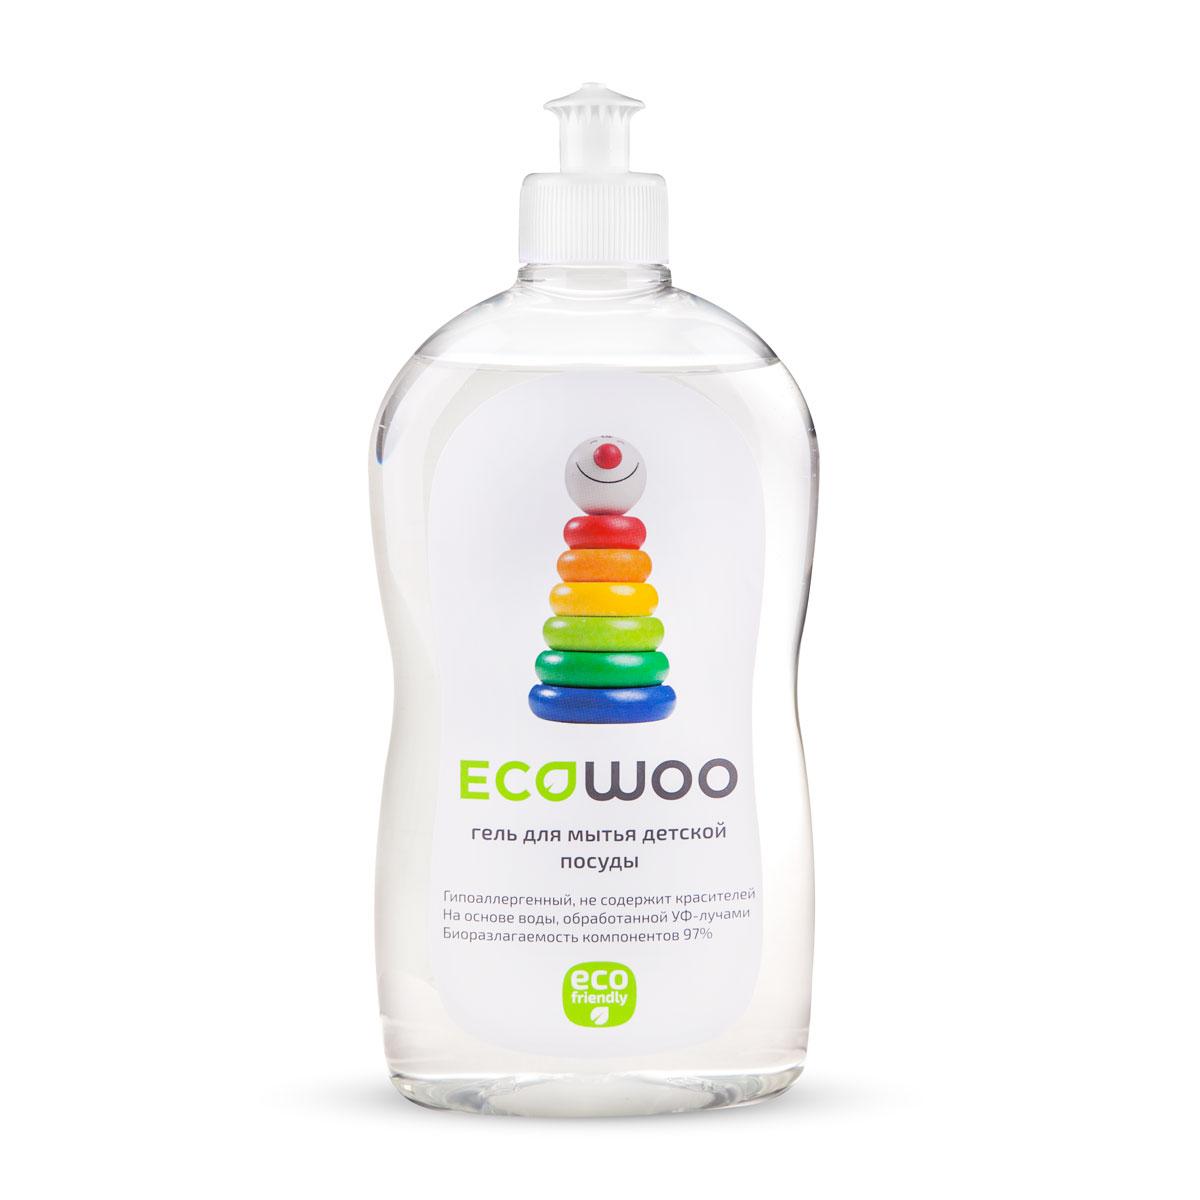 Гель EcoWoo для мытья овощей и фруктов, детской посуды и принадлежностей, 0,5 лЕ088231Специально разработан для мытья всех видов детской посуды, бутылочек, сосок из латекса и силикона, игрушек, любых детских принадлежностей, а также овощей и фруктов. Средство гипоаллергенно, не содержит ароматизаторов и красителя. Легко удаляет остатки продуктов. Полностью смывается водой со всех видов посуды и игрушек (в том числе холодной и жесткой). Очищает овощи и фрукты от воскового покрытия, смывает пестициды, гербициды, инсектициды с кожуры овощей и фруктов. Средство безвредно для человека и природы – биоразлагаемость компонентов 97% Подходит для людей с чувствительной кожей.